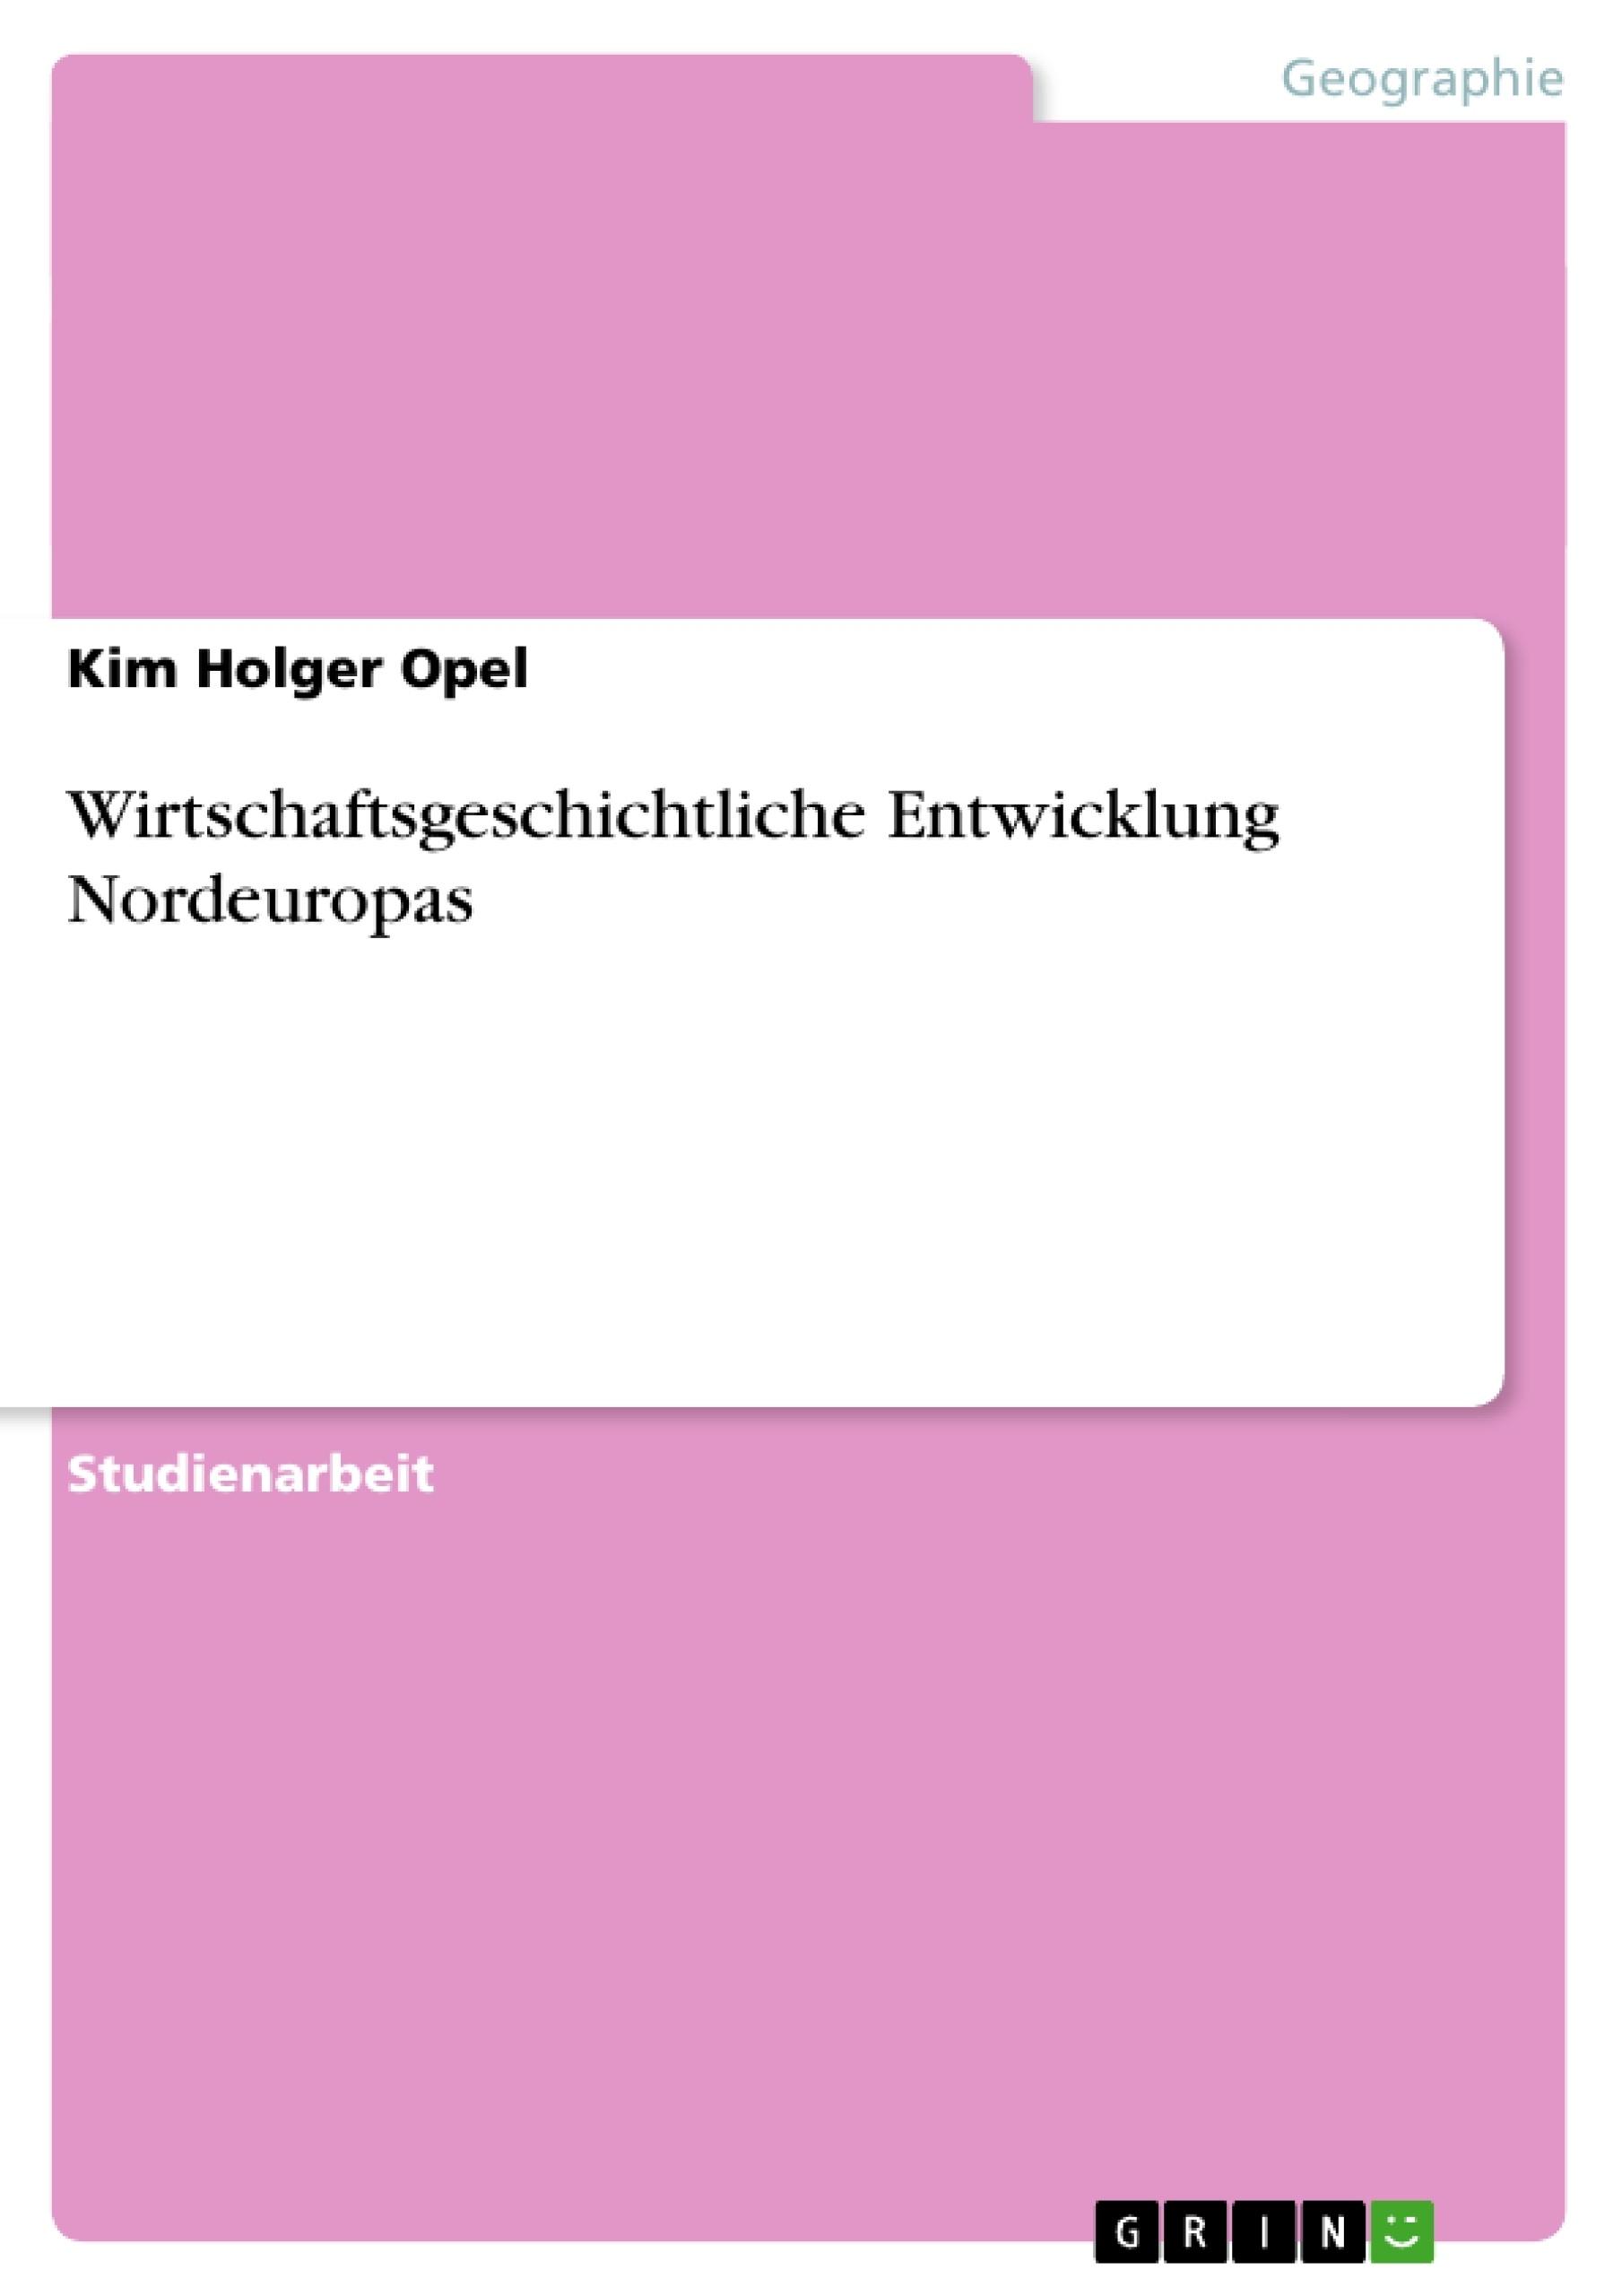 Titel: Wirtschaftsgeschichtliche Entwicklung Nordeuropas